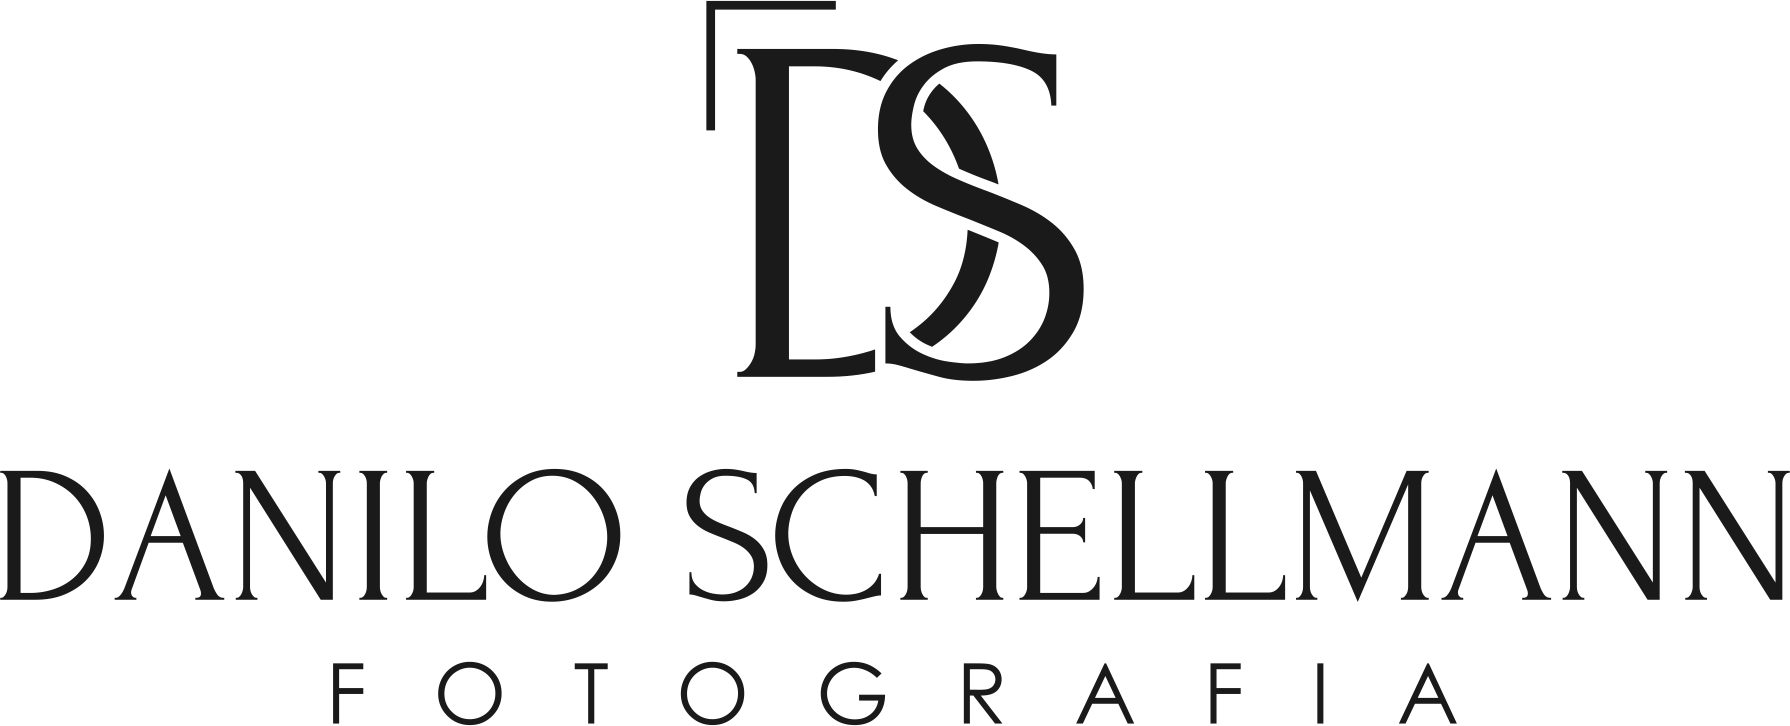 Danilo Schellmann